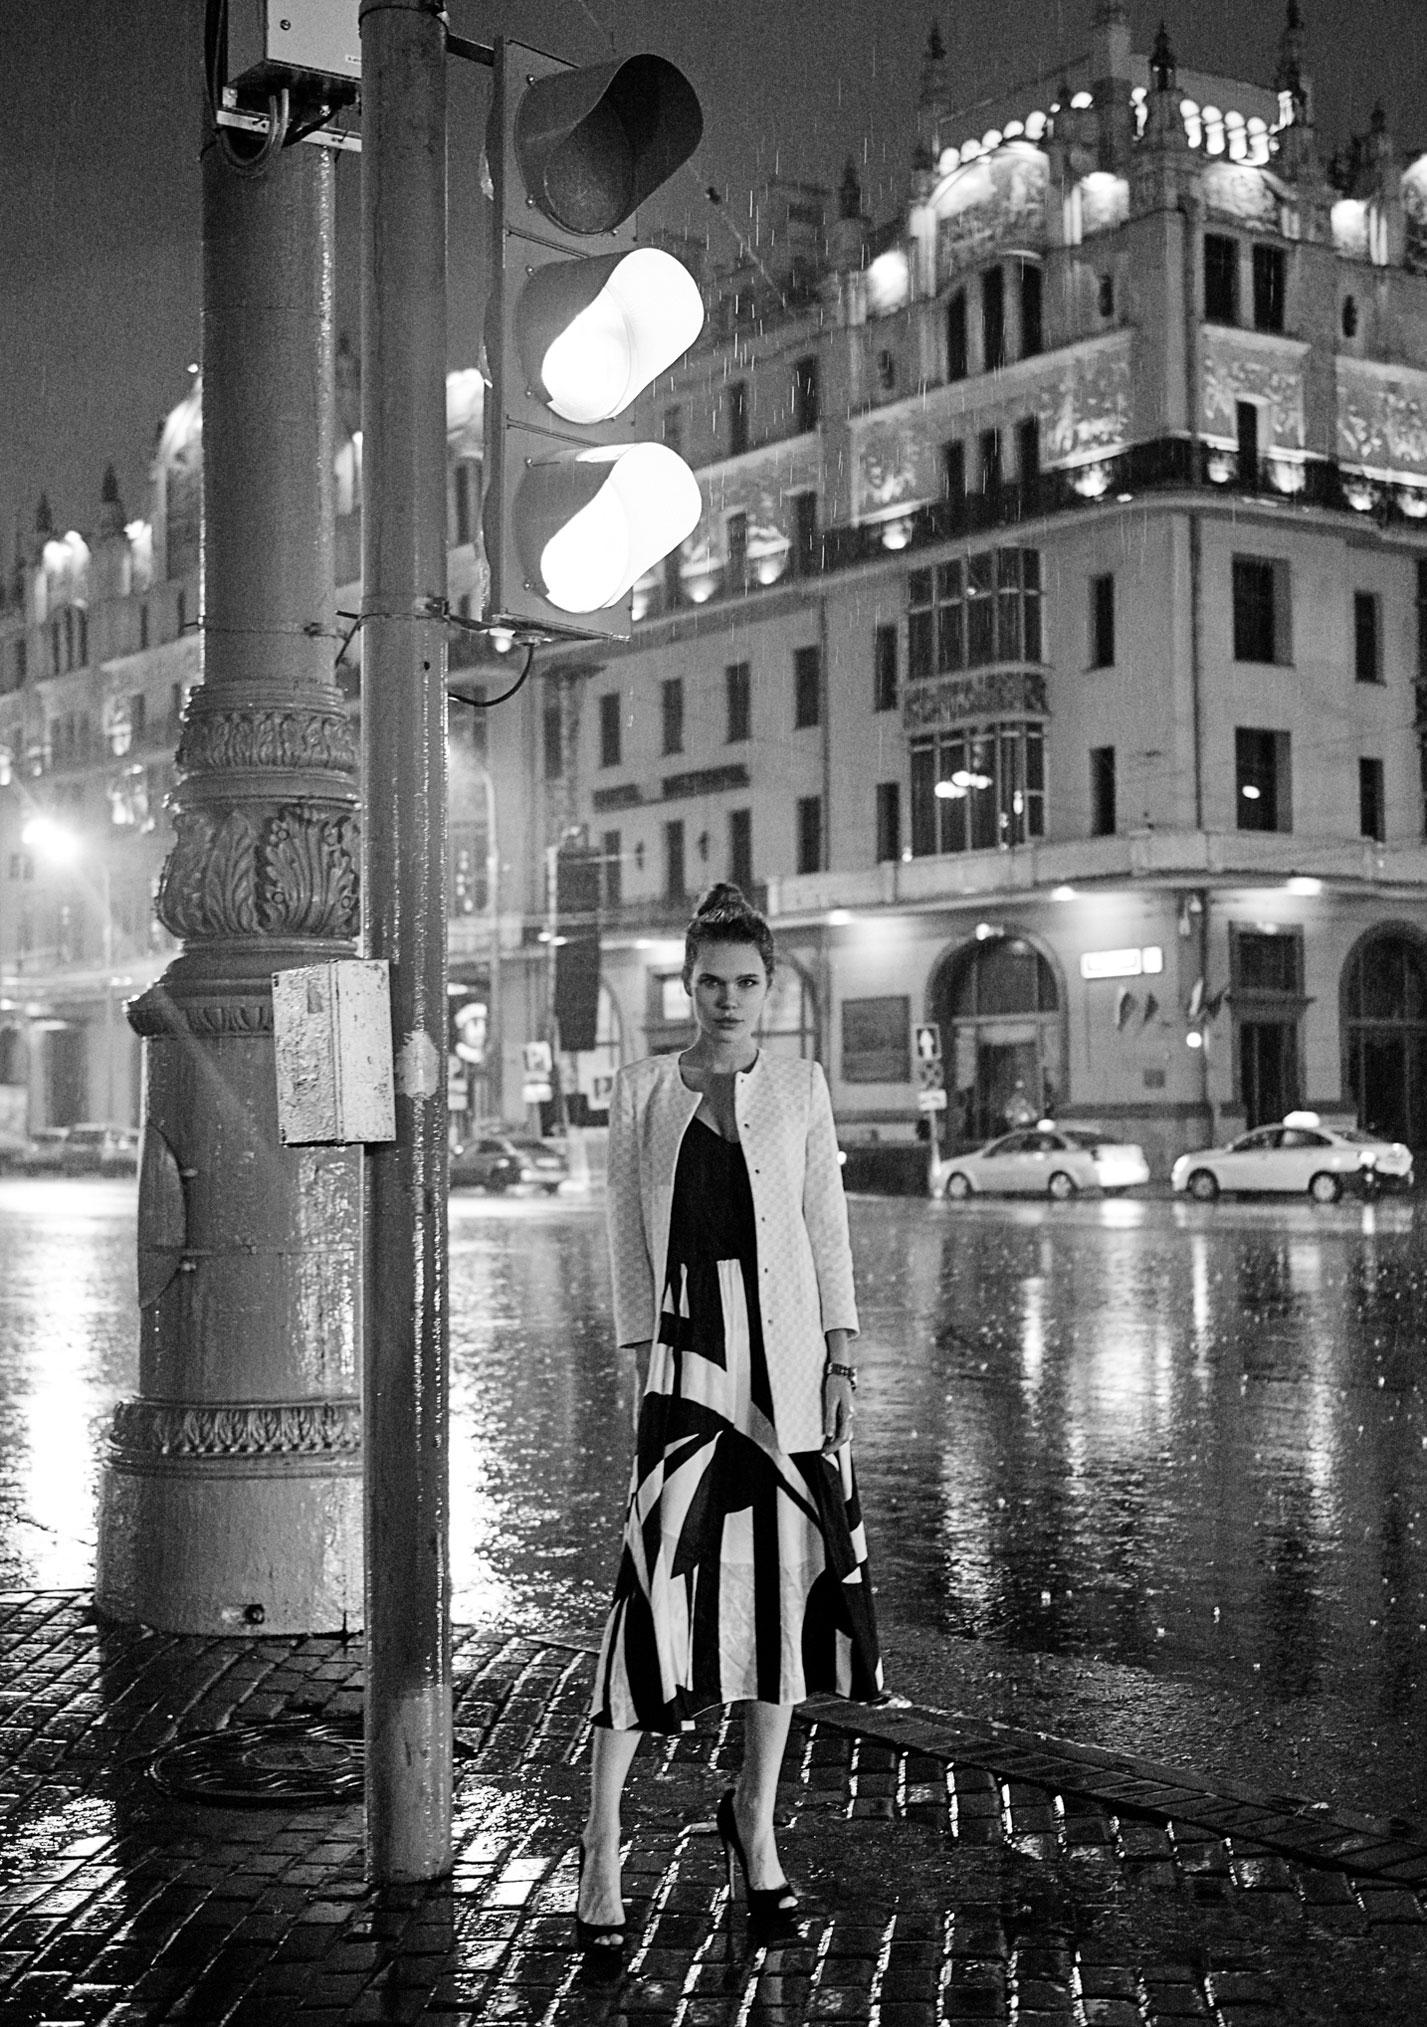 Настасья Волконская гуляет по ночному городу / фото 06